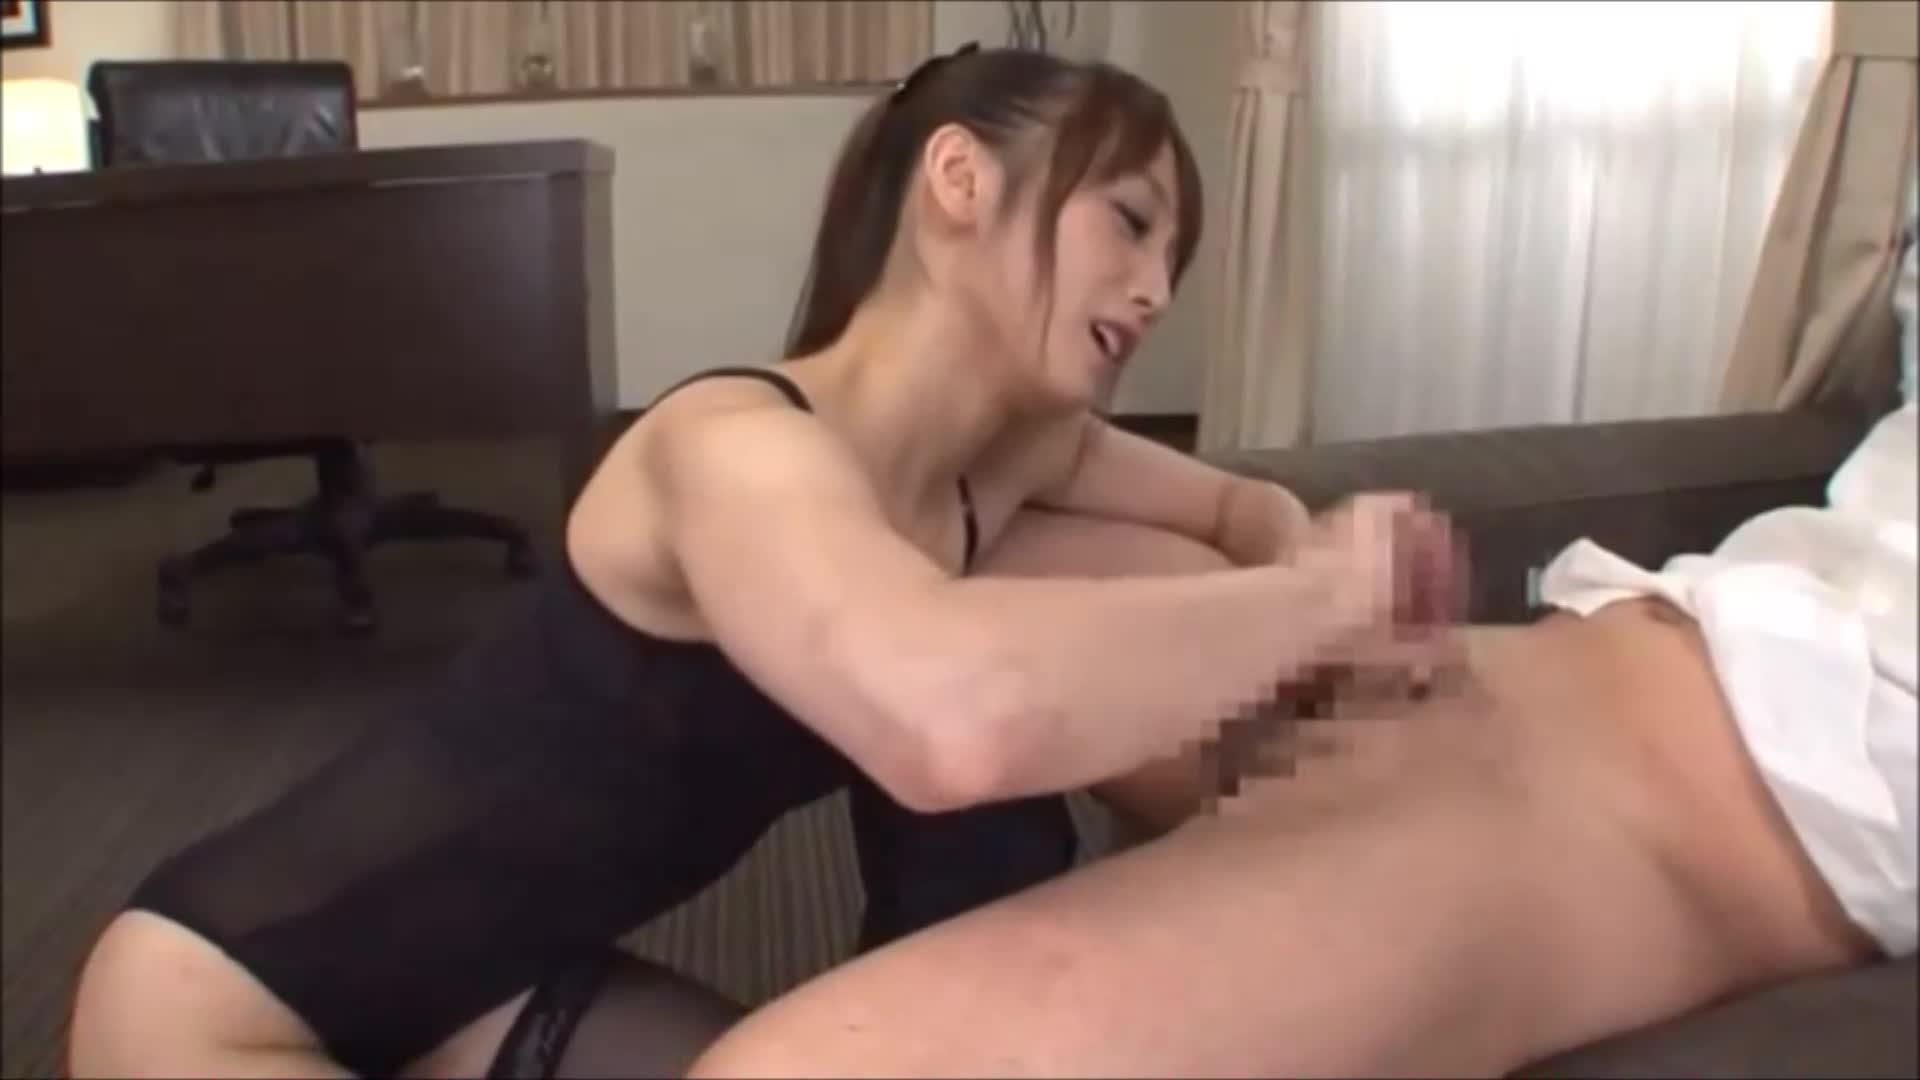 マジエロ美少女たちの手コキヌキ動画に発射不可避な件www